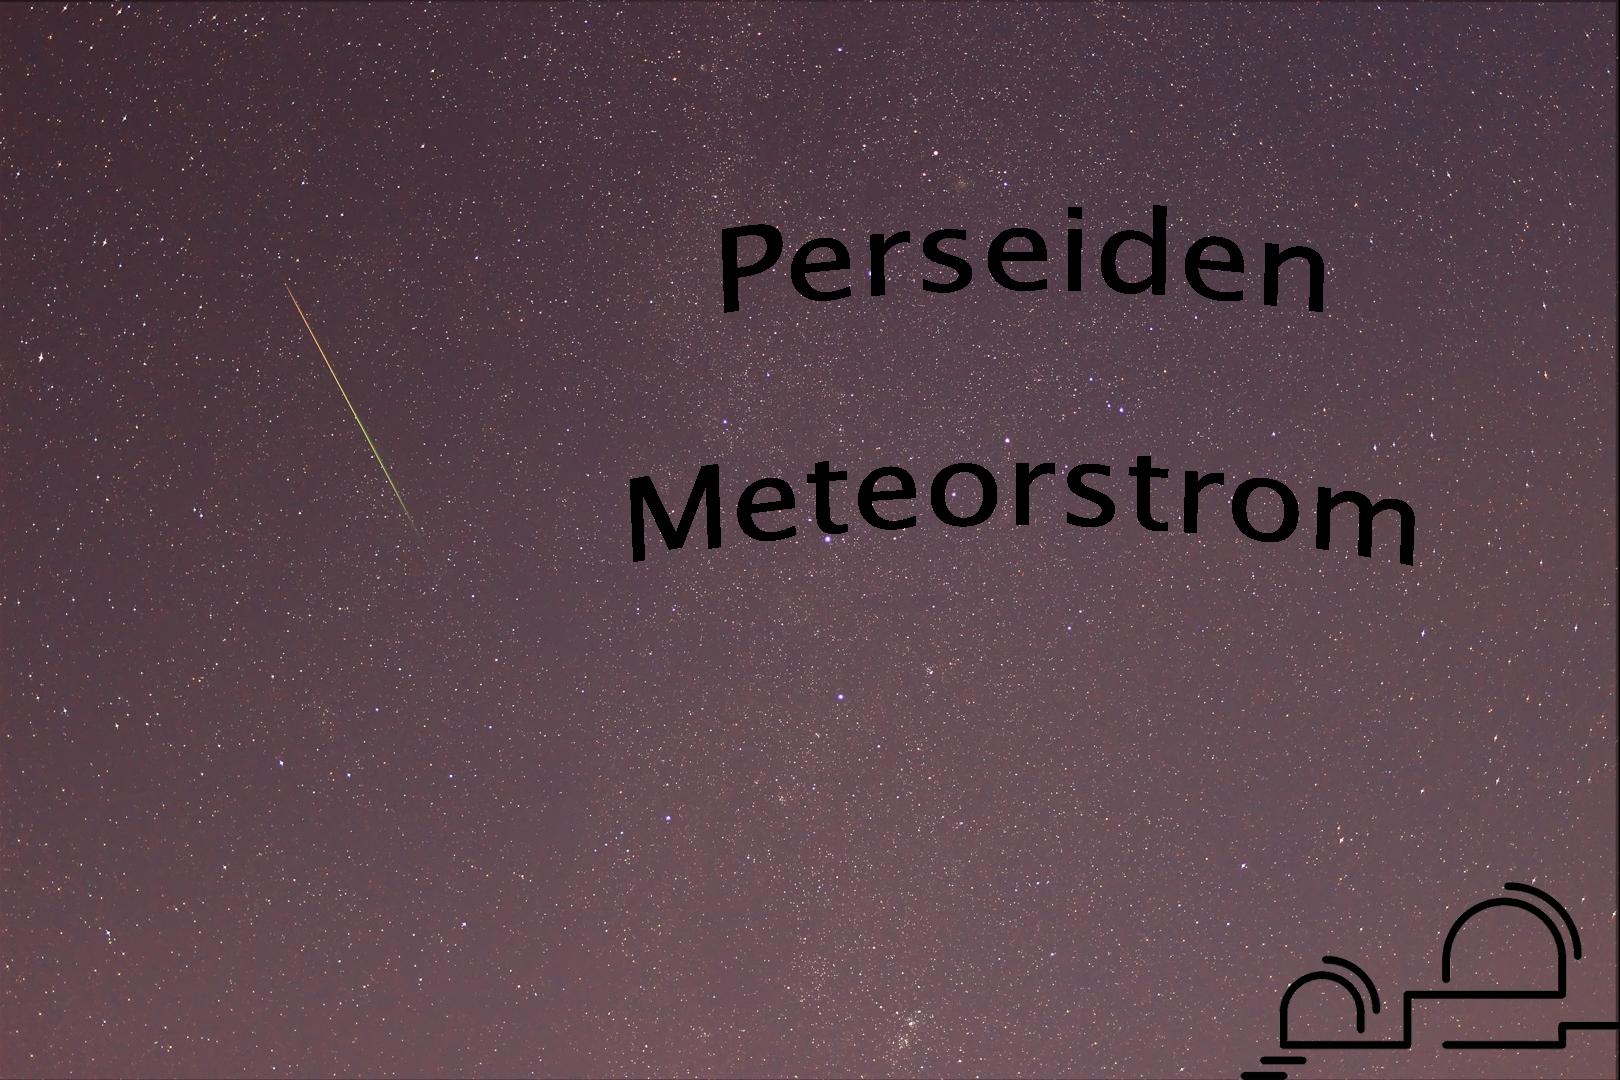 Zeitraffervideo zum Meteorschauer